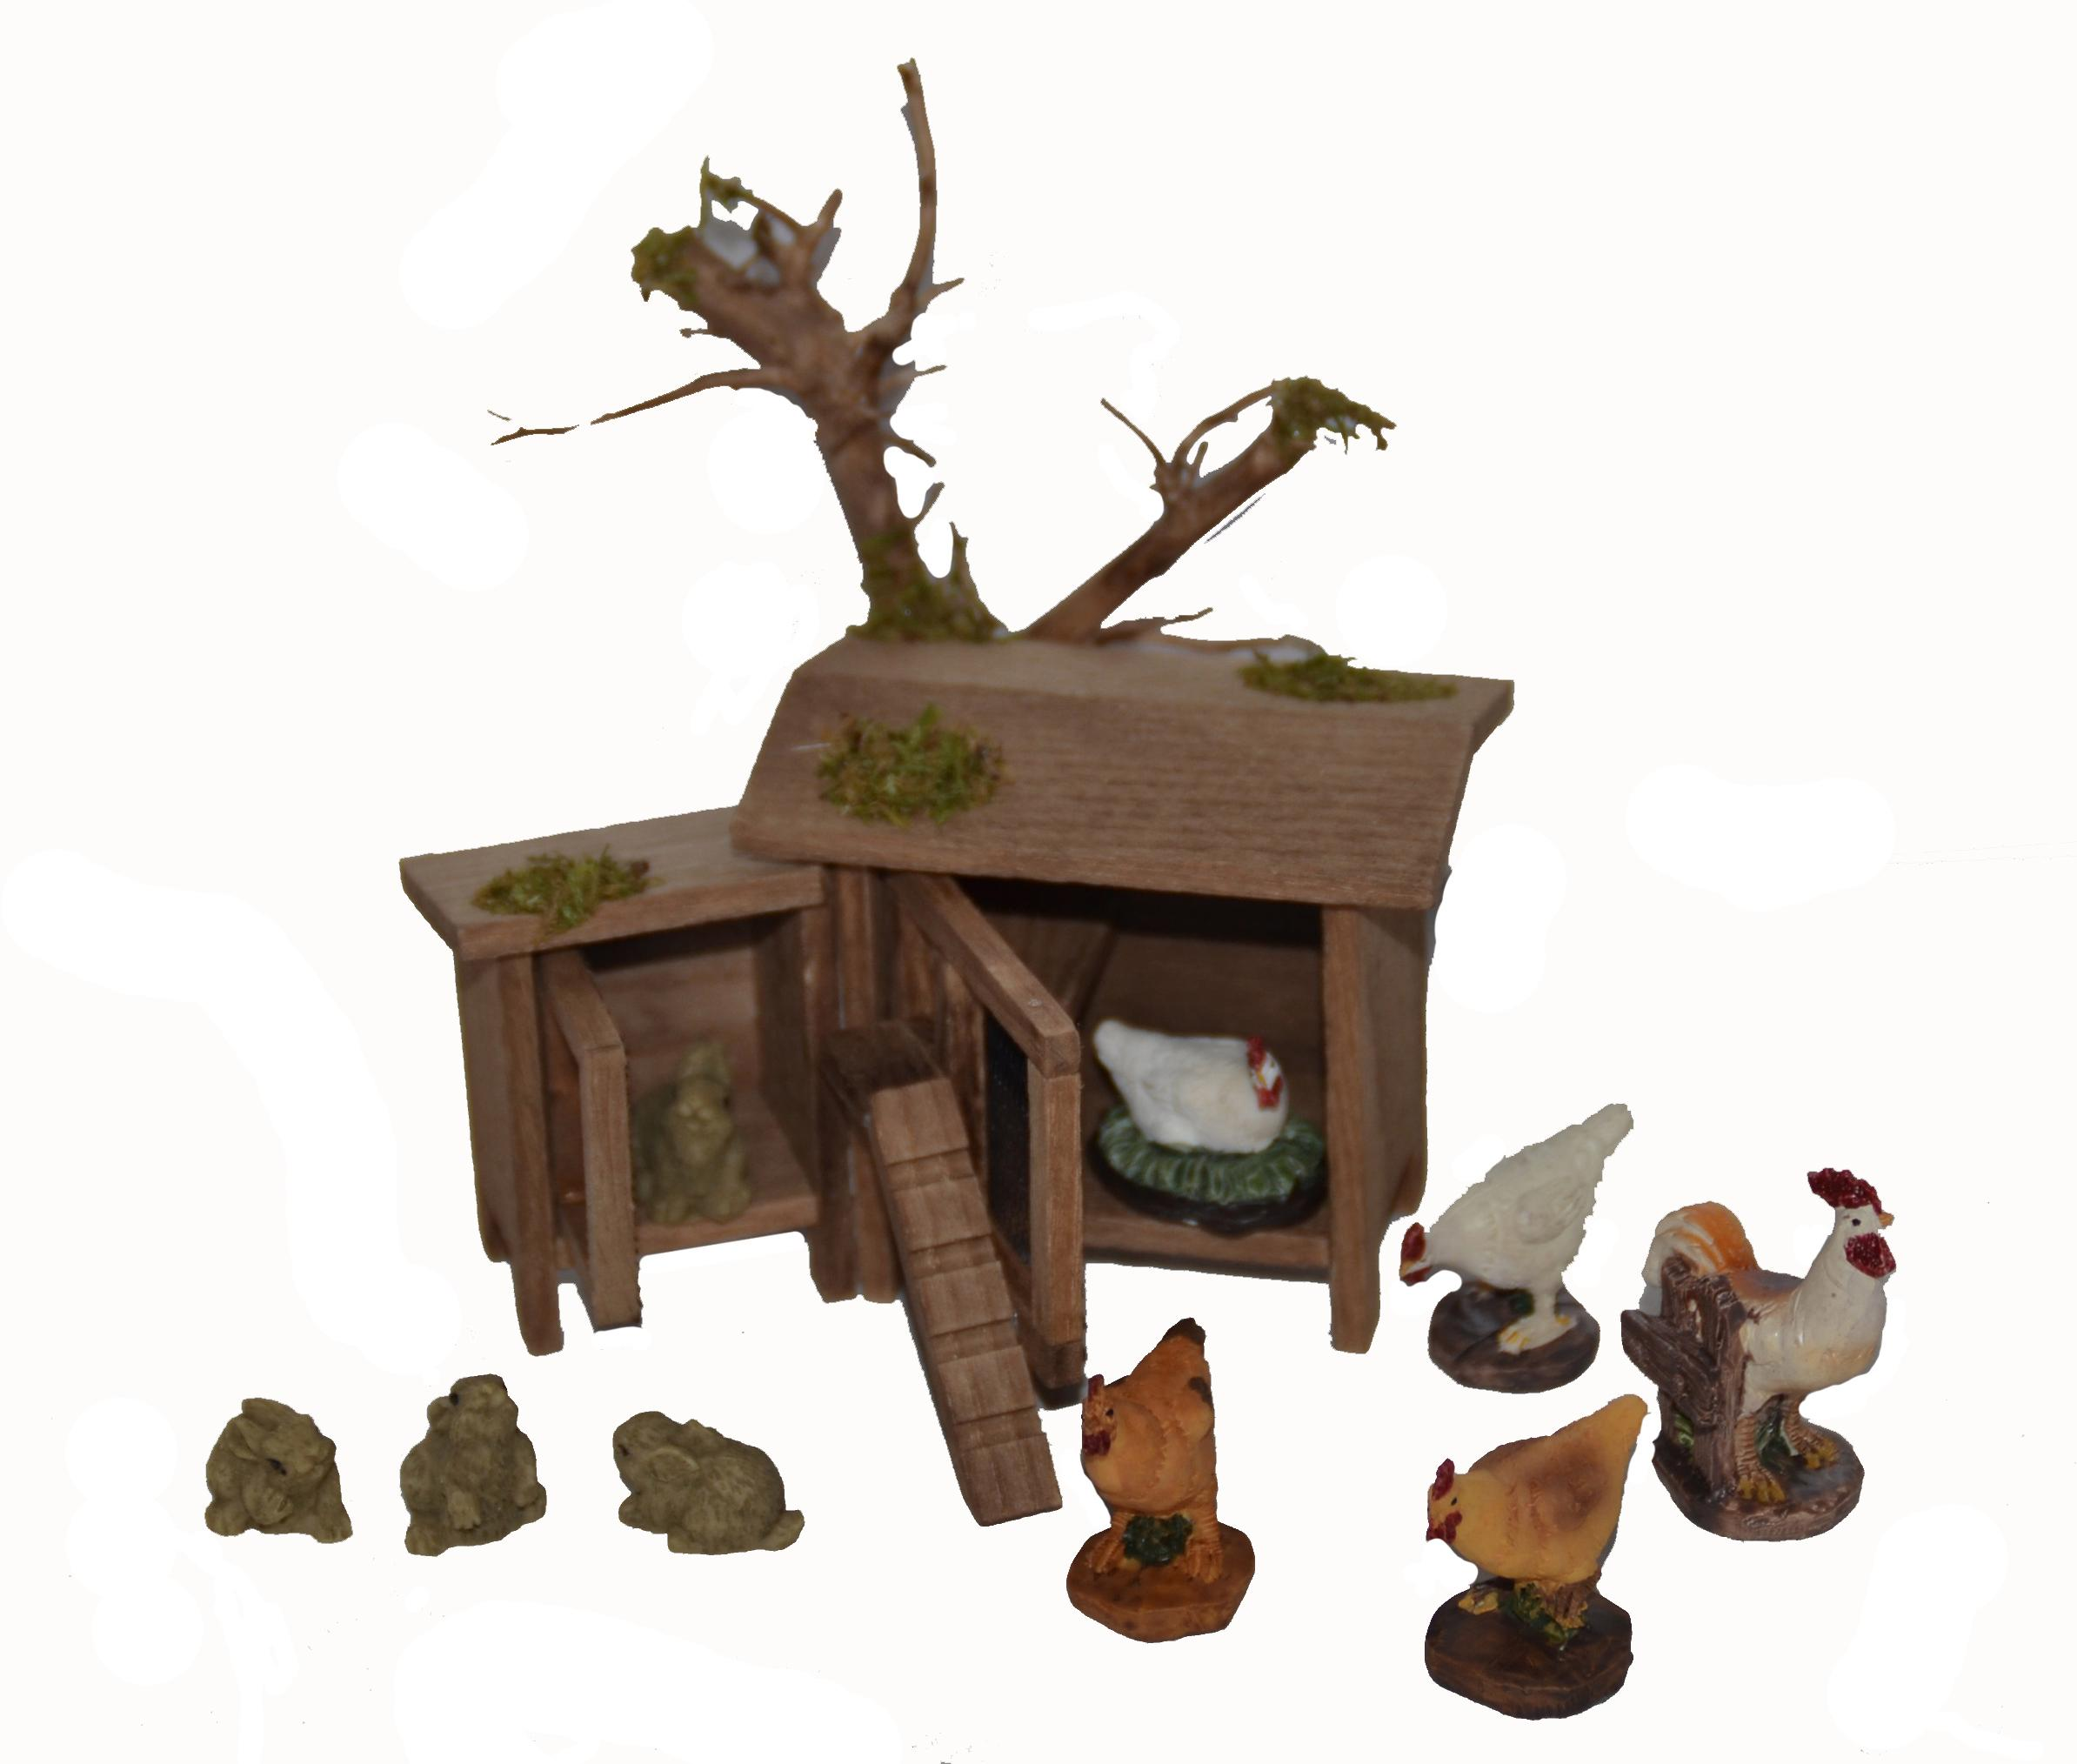 Weihnachtskrippen-Zubehör-Set, 10-teilig, »Hühner- mit Hasenstall inkl. Hühner und Hasen« | Garten > Tiermöbel > Hasenställe-Kaninchenställe | Braun | QUELLE